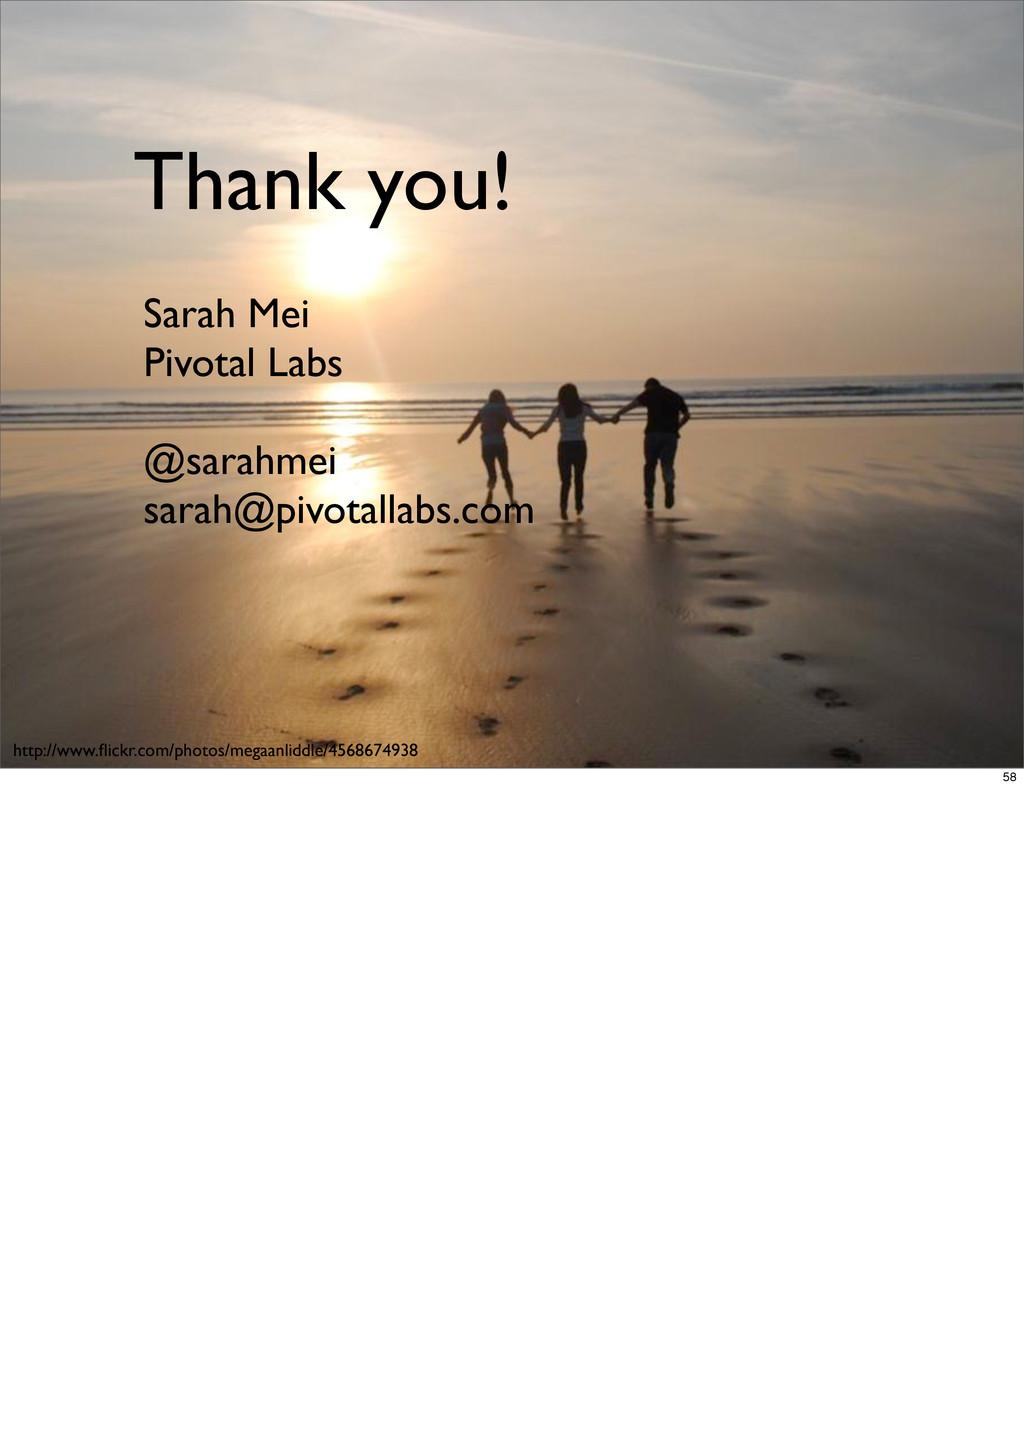 Thank you! Sarah Mei Pivotal Labs @sarahmei sar...